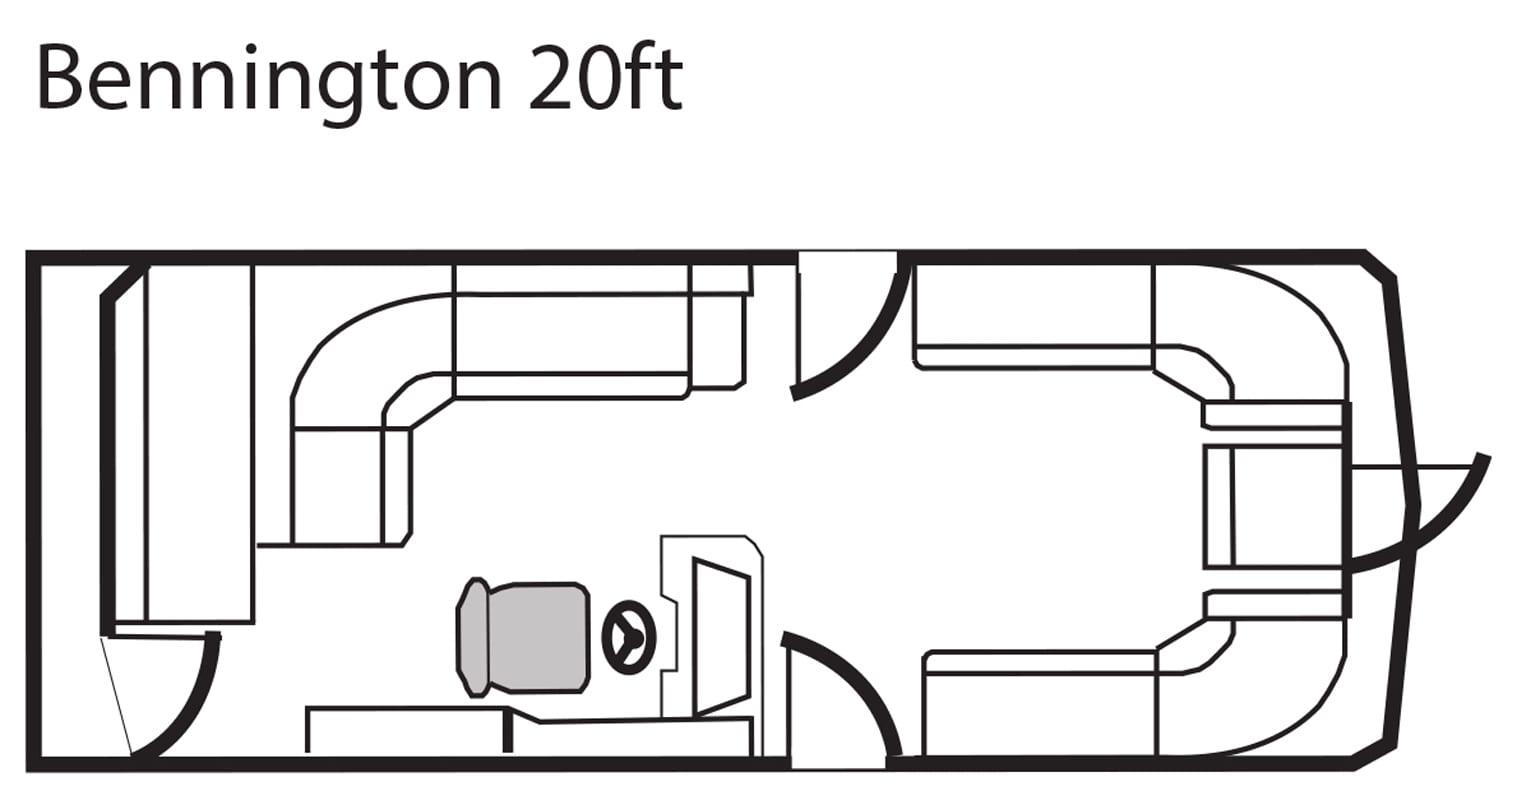 Bennington 20' pontoon seating plan.